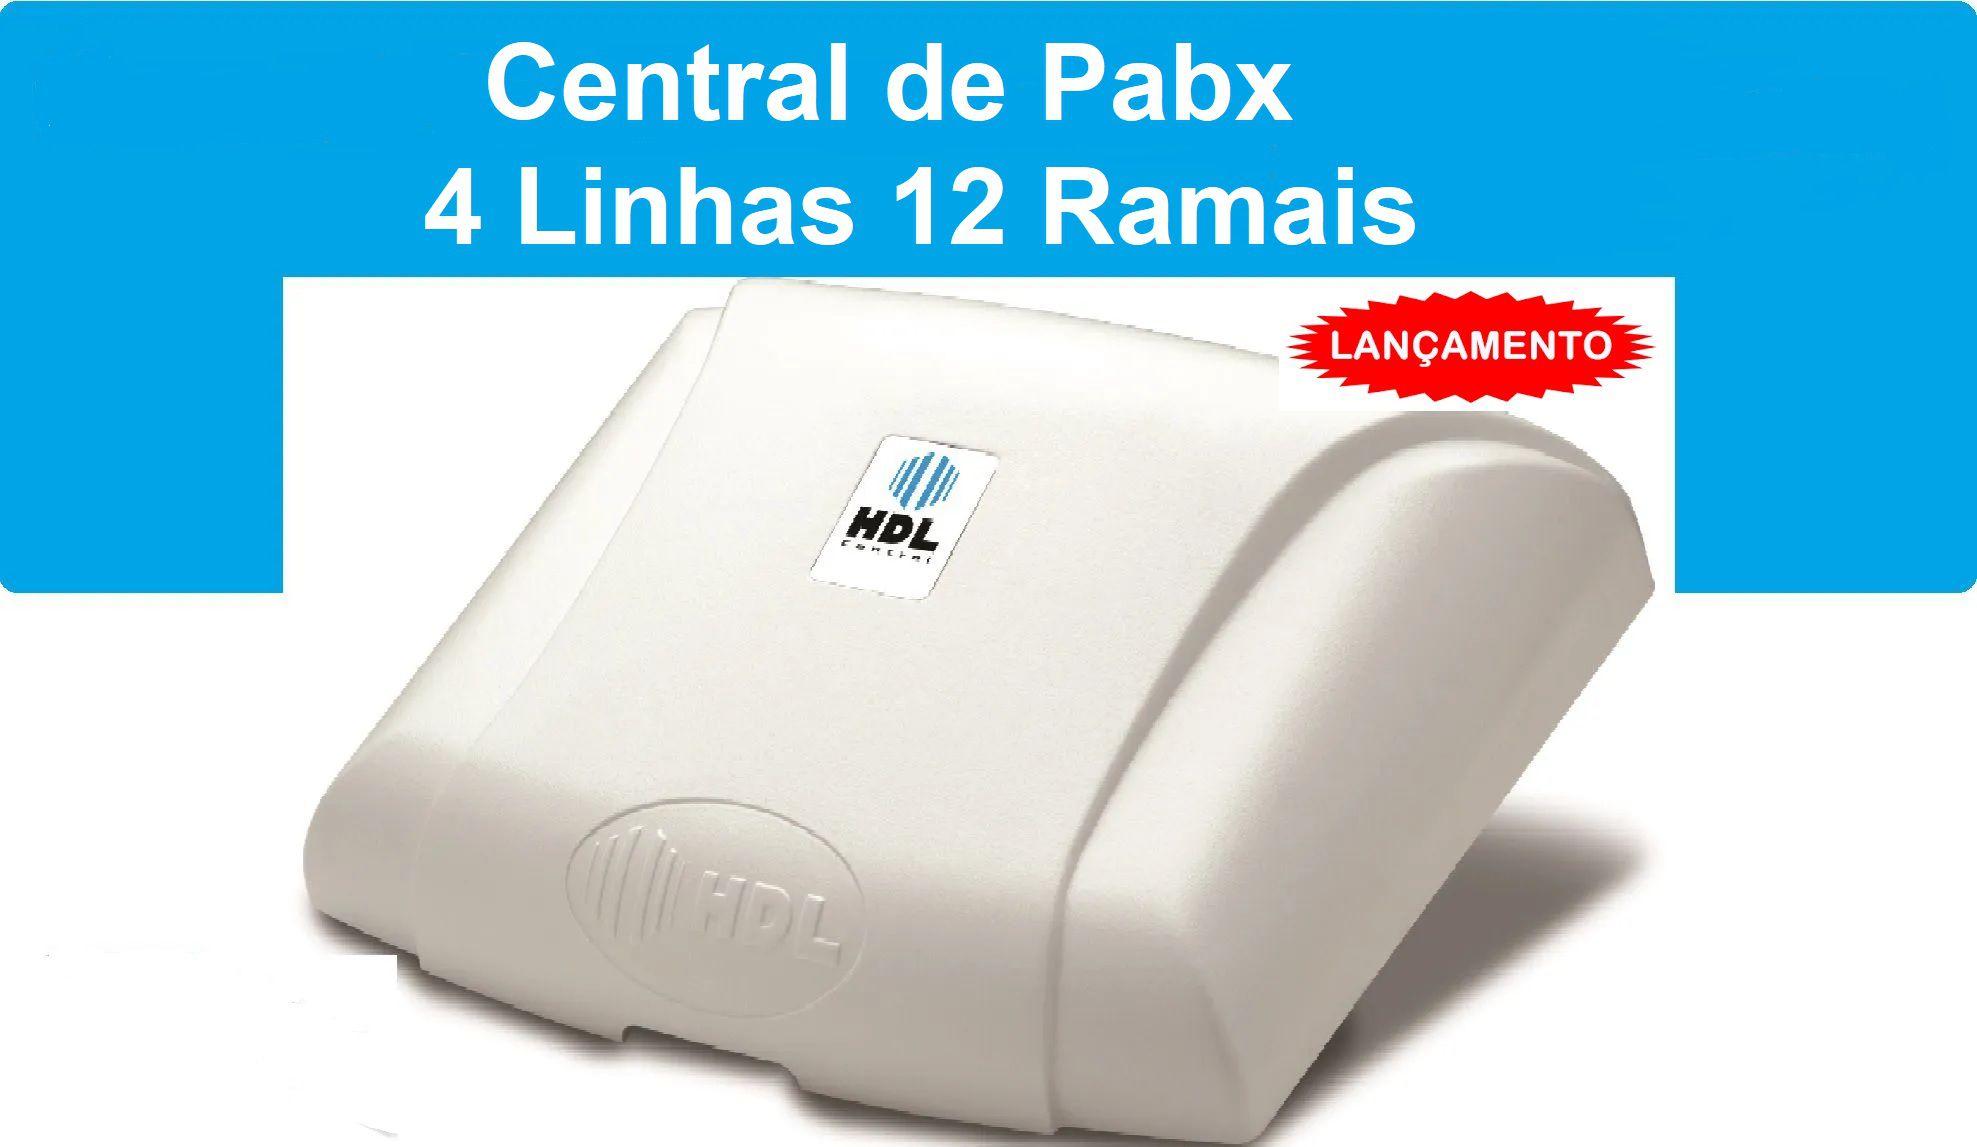 Central de Pabx Centrix  c/ 4 Linhas e 12 Ramais HDL